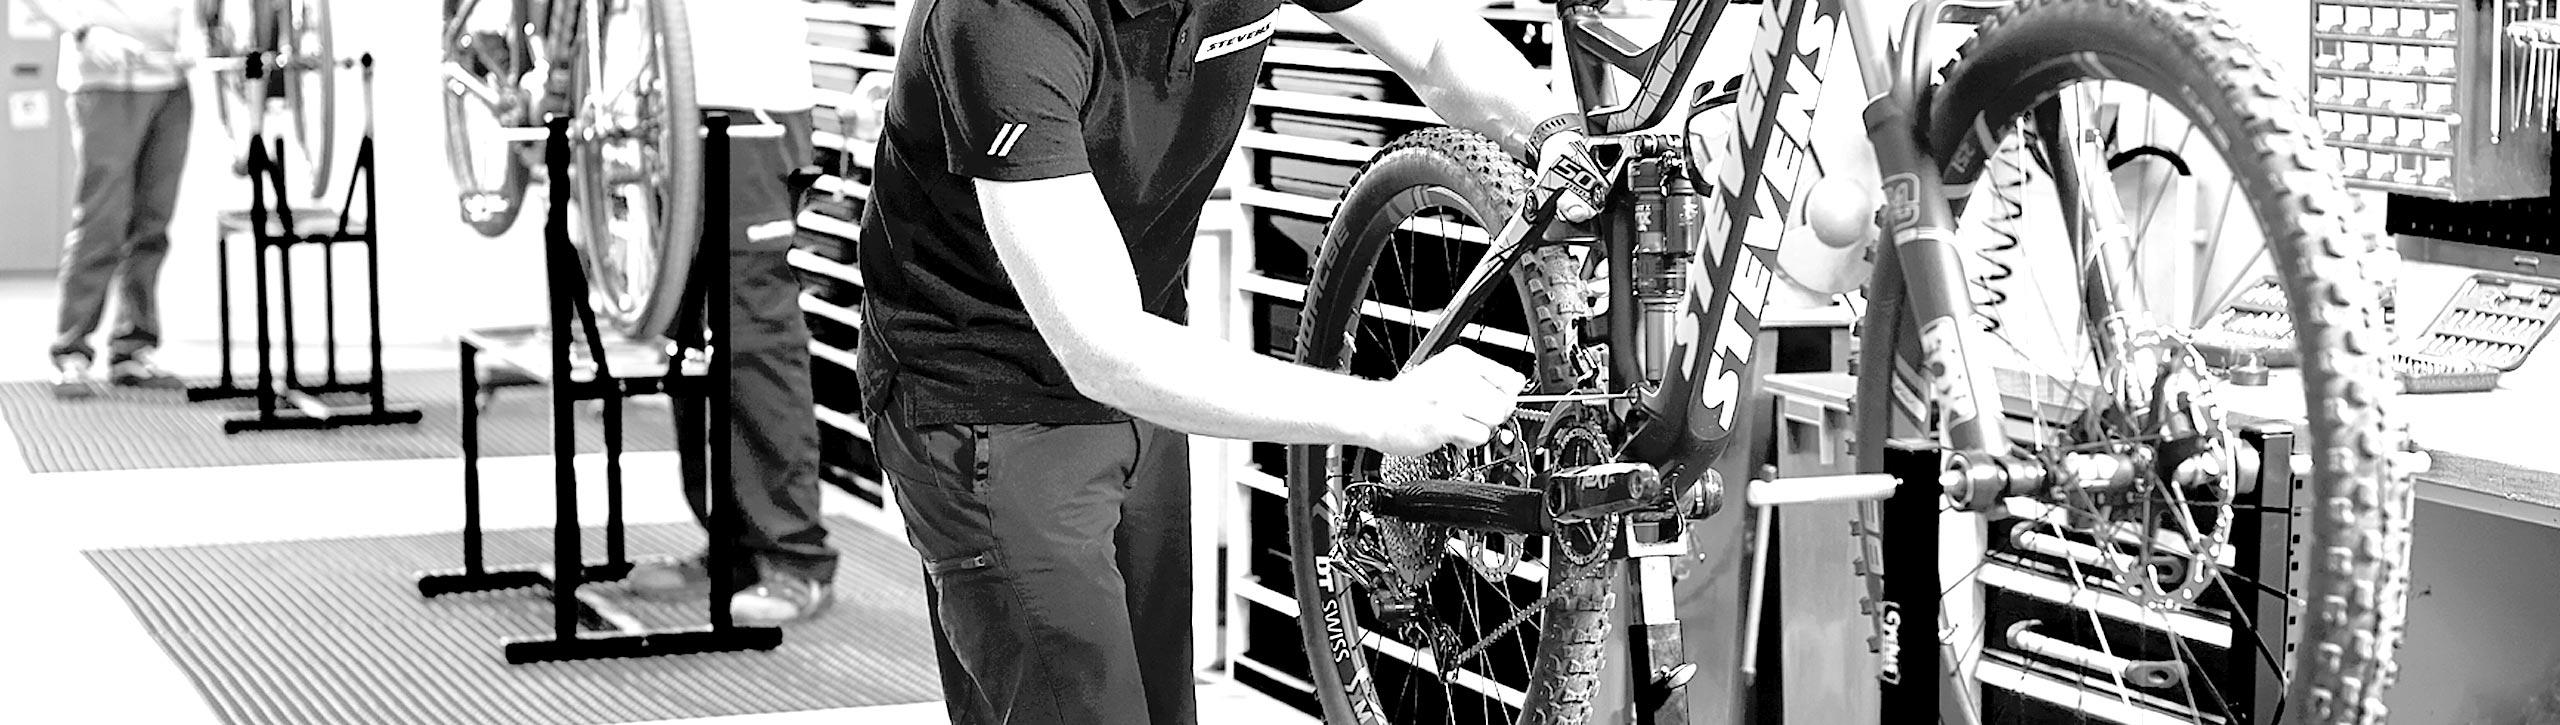 Radhaus - Service, Reparatur- und Montagearbeiten